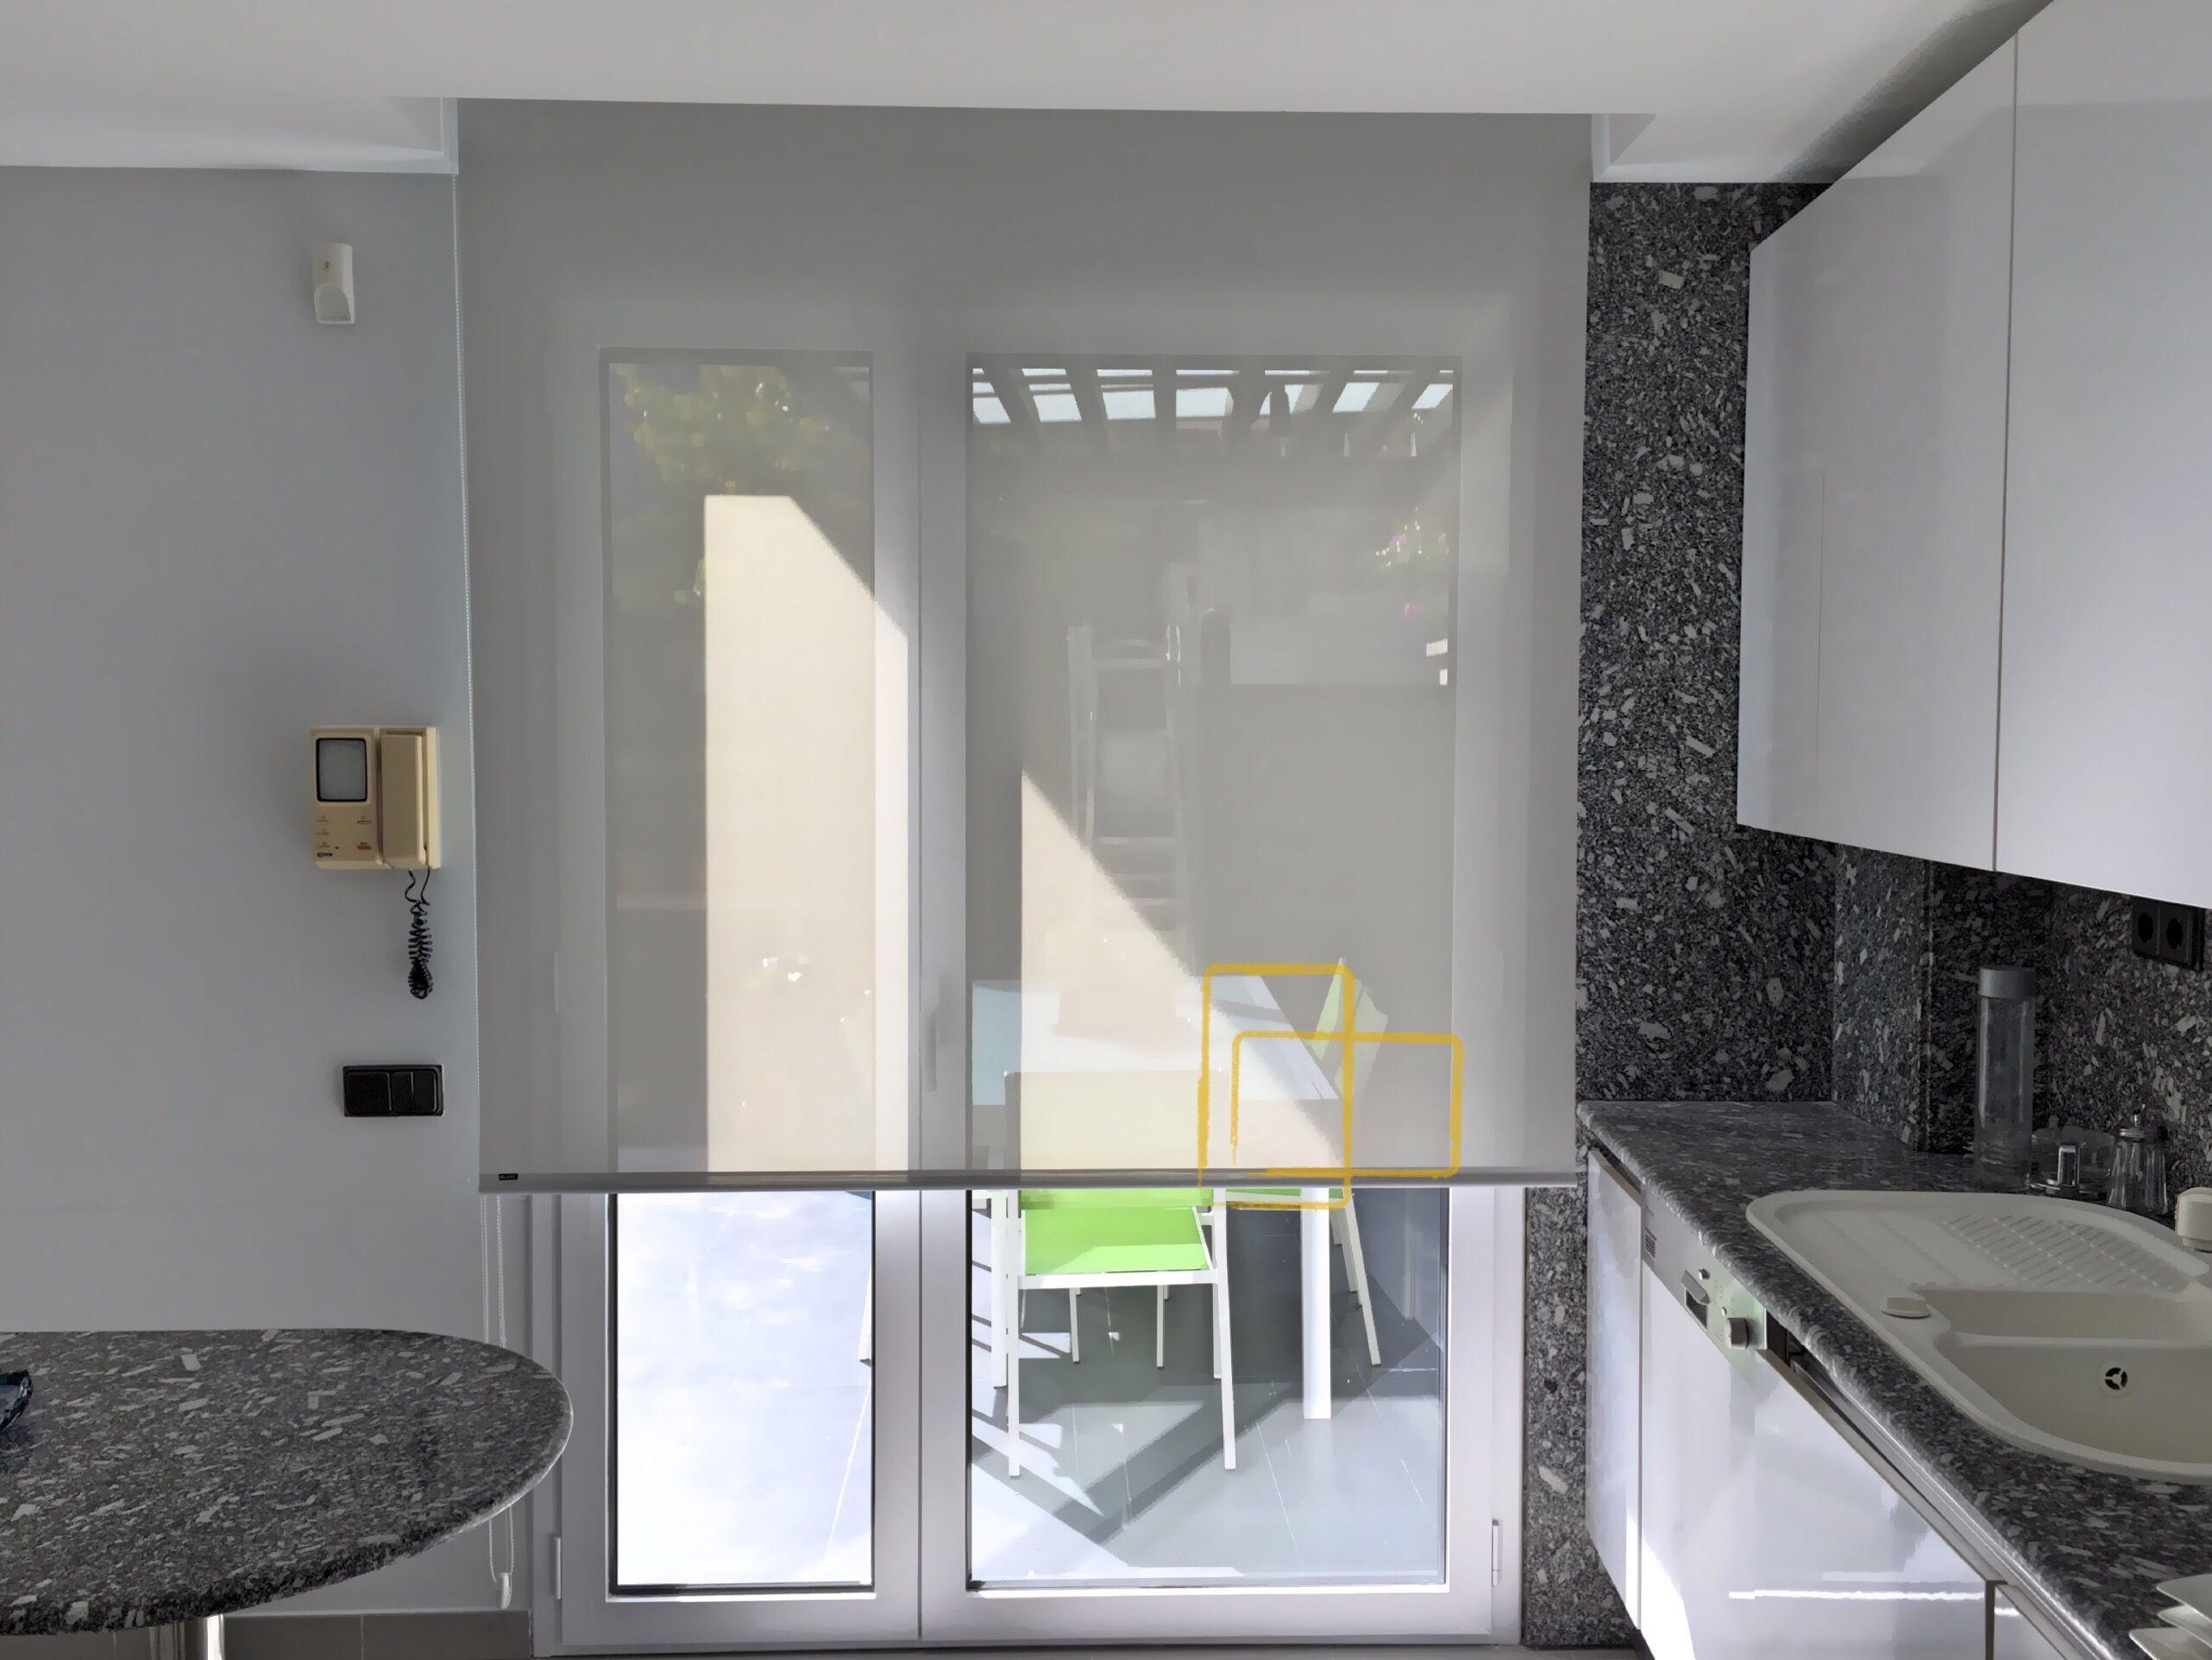 Cortina enrollable ideal para cocinas solart cortinas - Estores de cocina ...